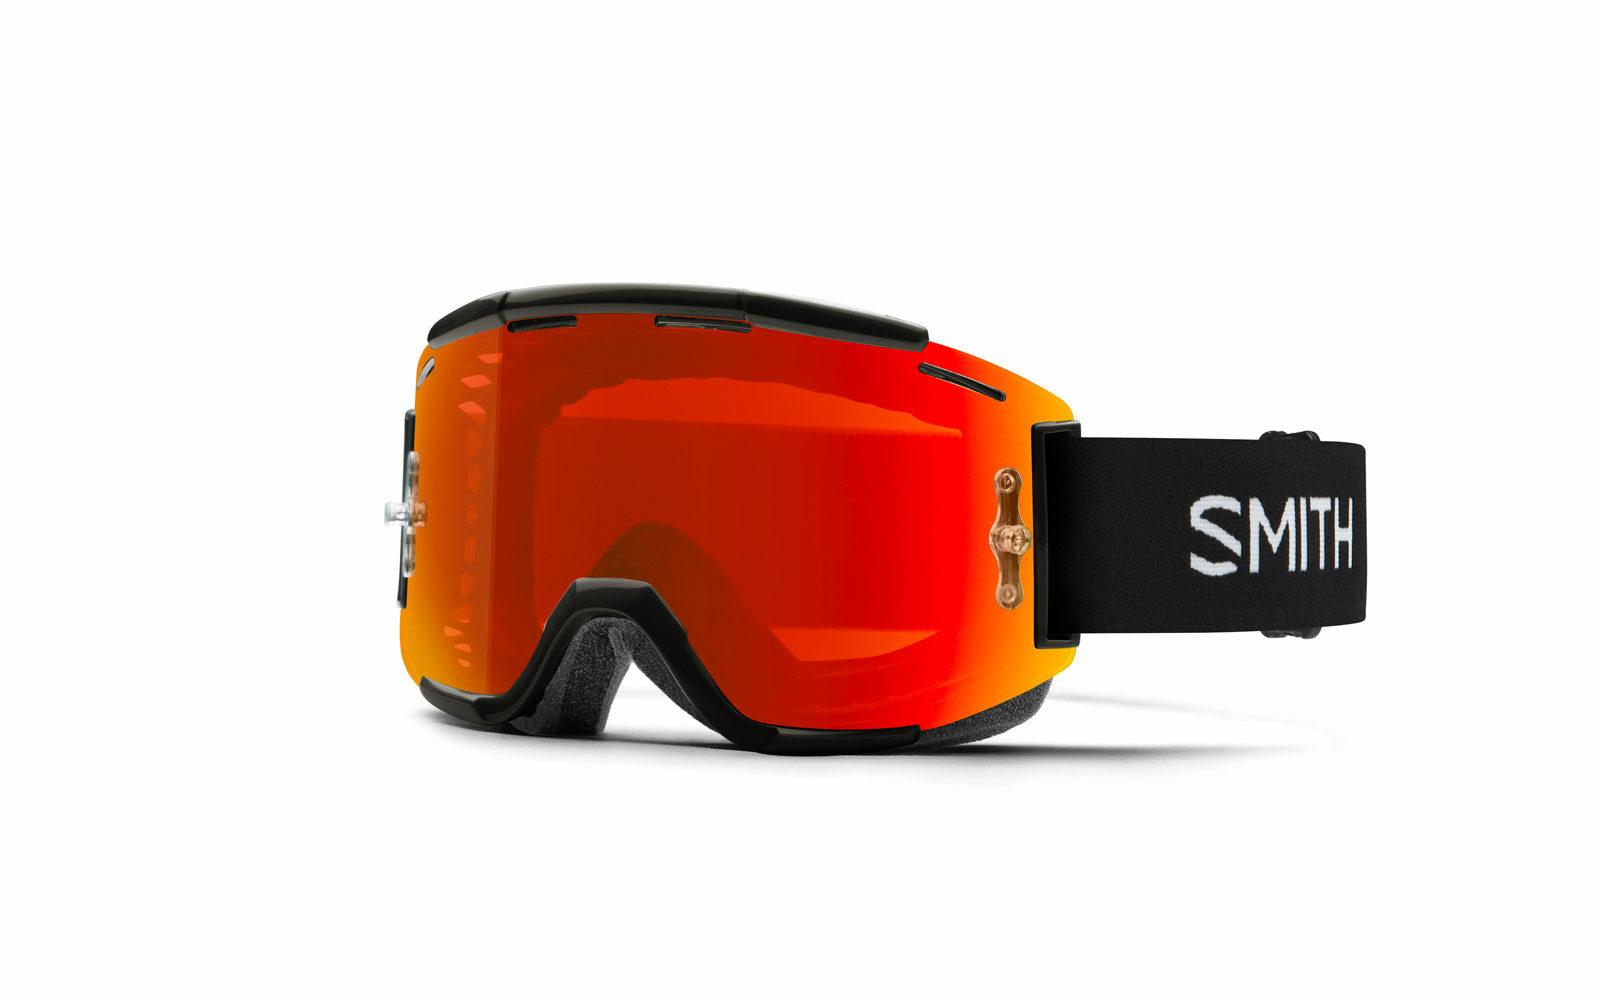 Maschera Smith Squad MTB, perfetta per la MOUNTAIN BIKE, ampio campo visivo, protezione da UV e da polvere o sassolini sollevati dal sentiero, lente specchiata ultraresistente, molto ventilata. Euro 100.